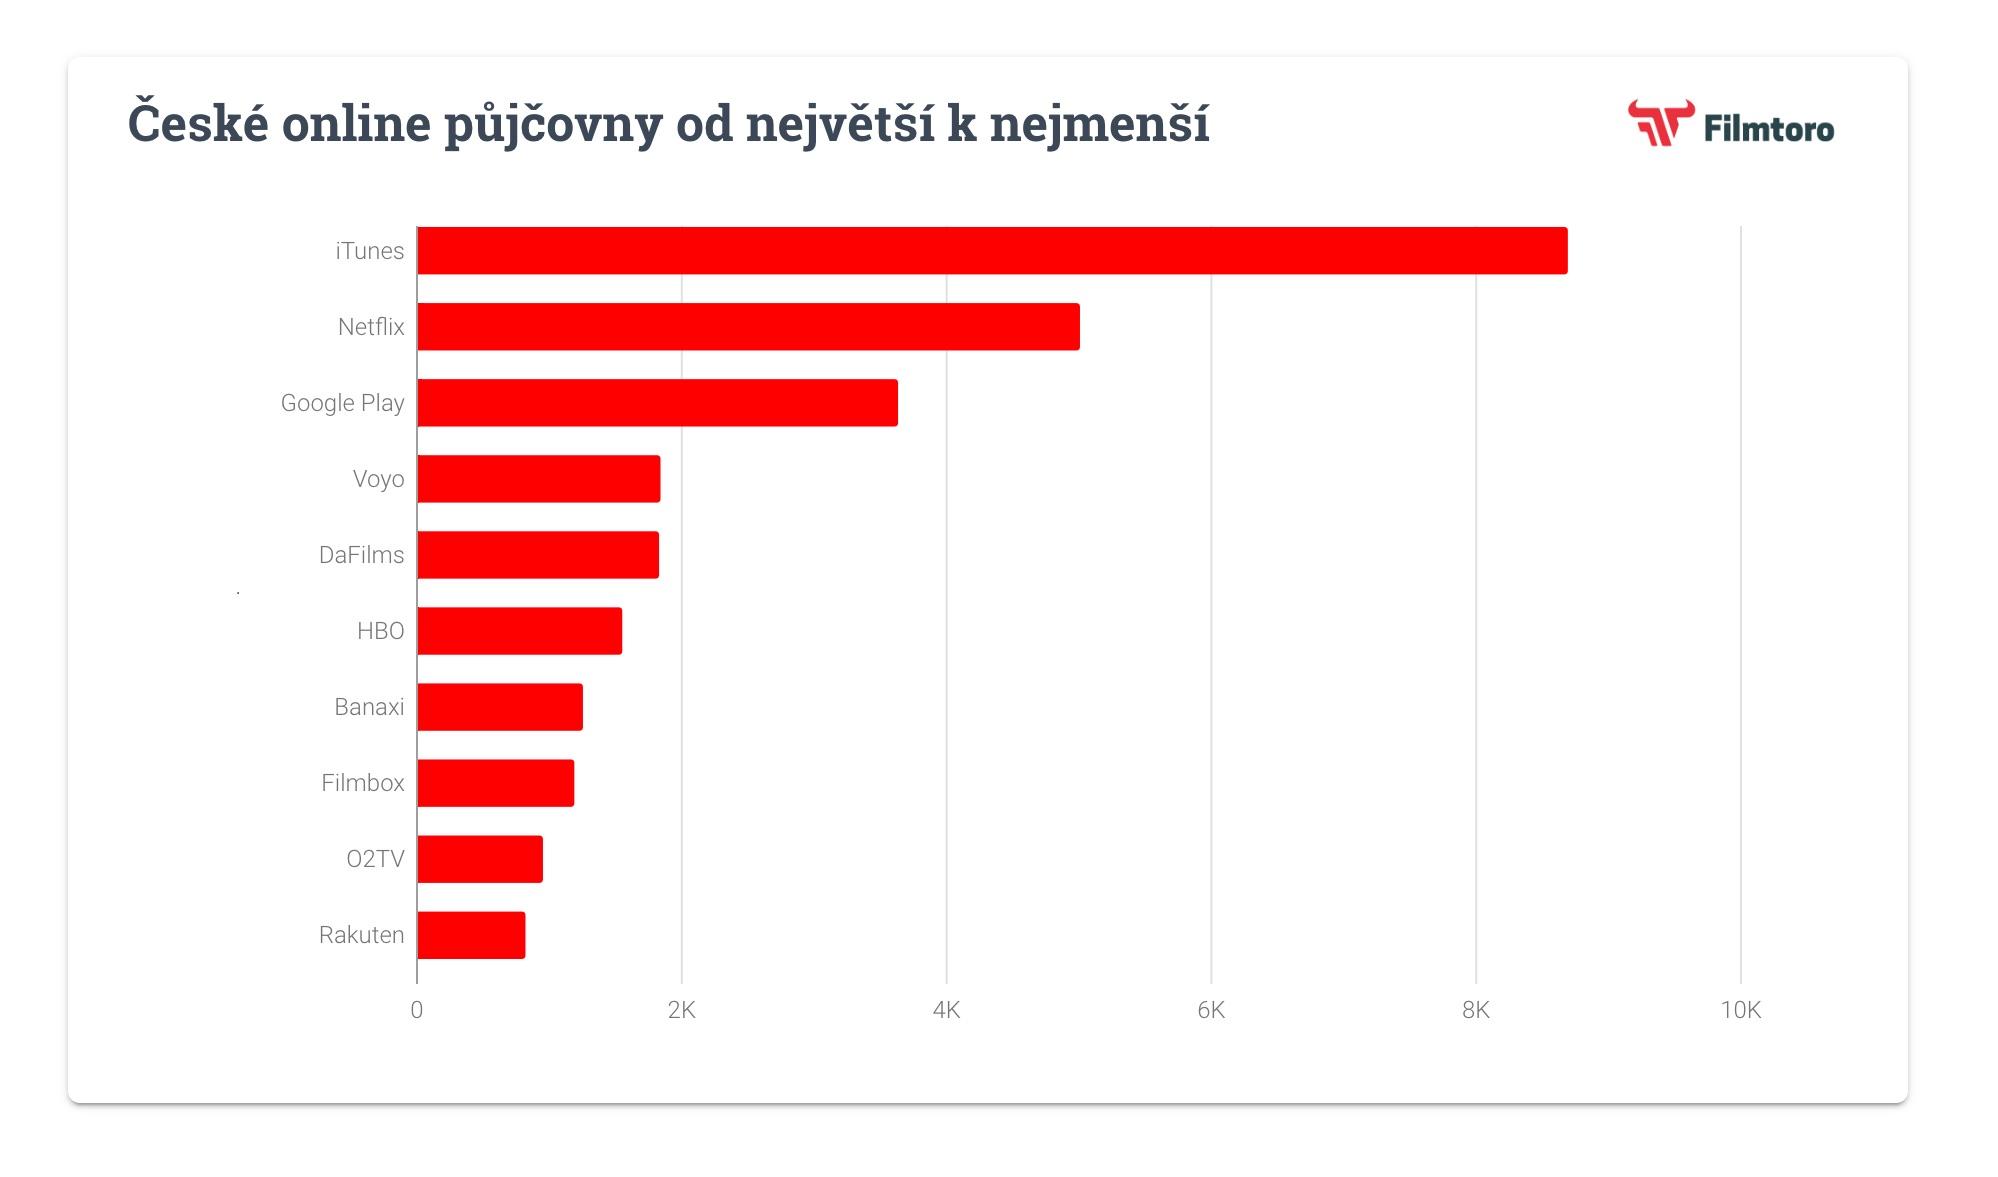 České online půjčovny od největší k nejmenší